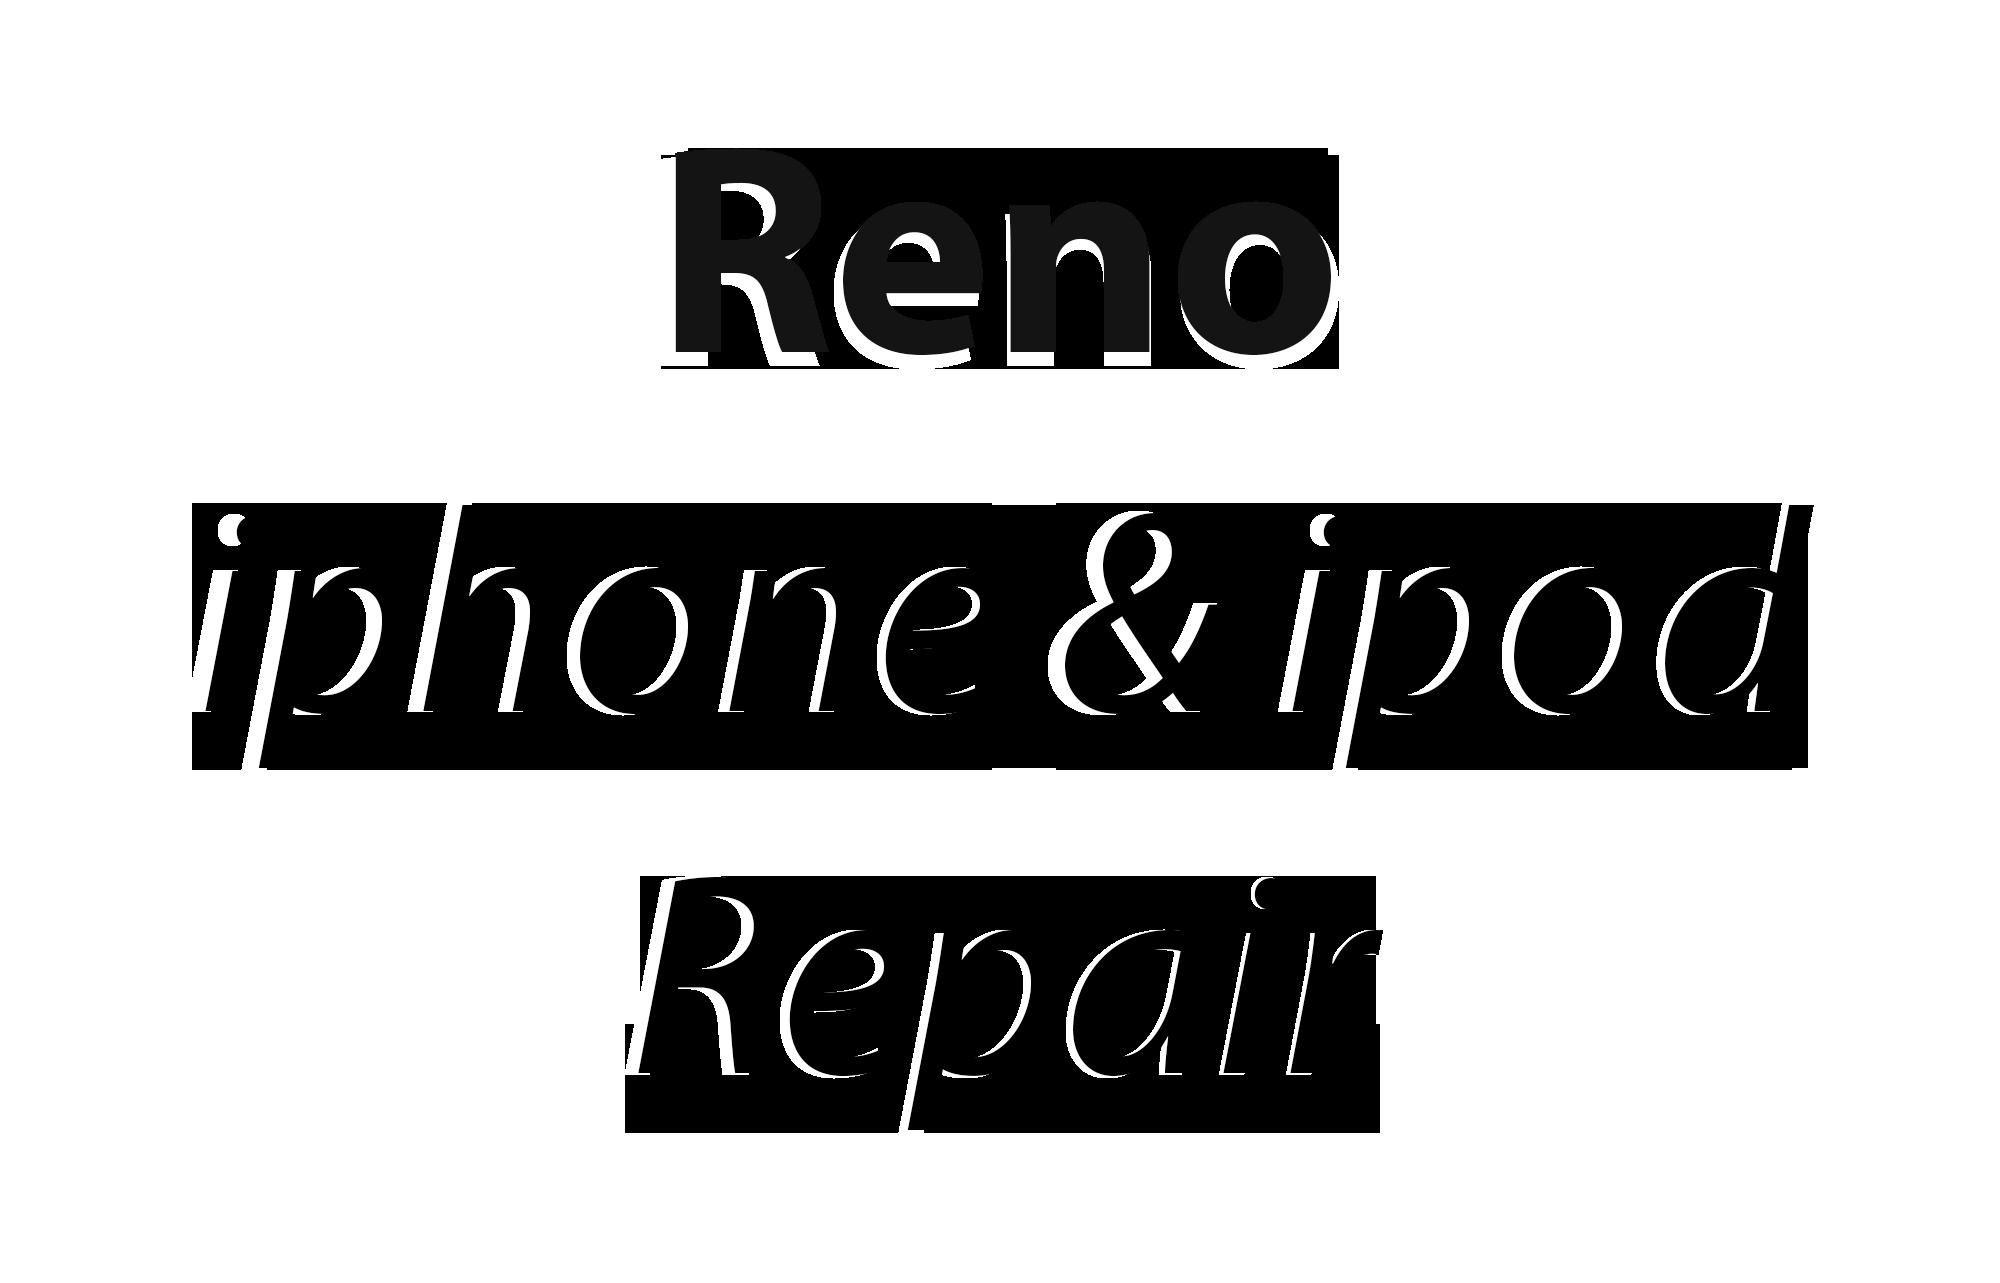 Reno Iphone Ipod Repair